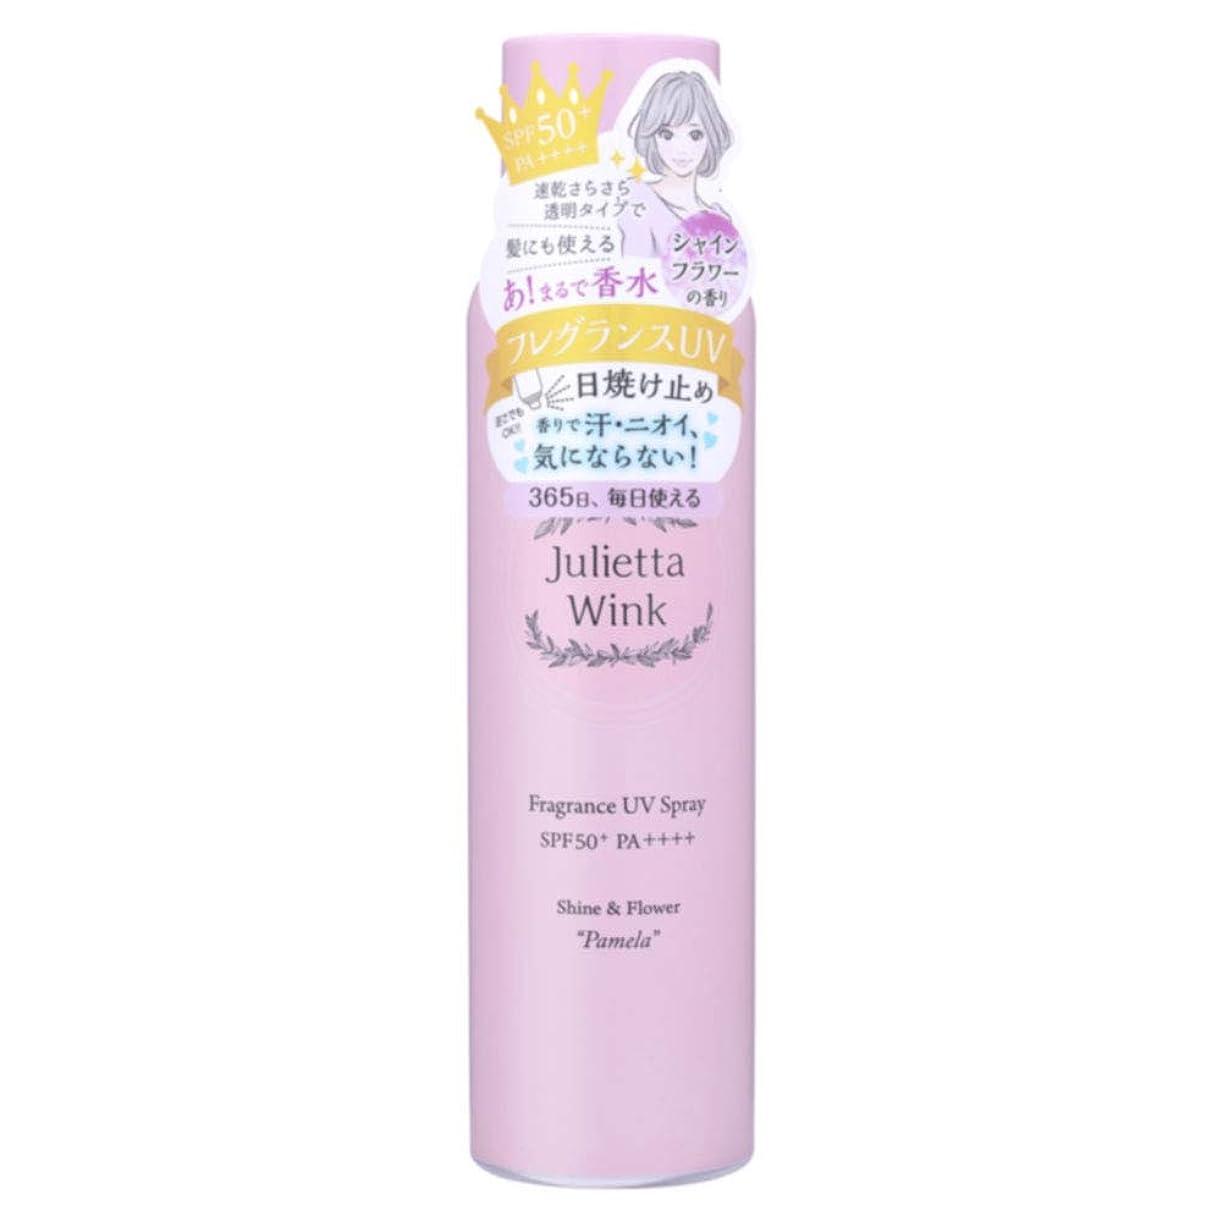 起きろメディアセイはさておきジュリエッタウィンク フレグランス UVスプレー[パメラ]100g シャインフラワーの香り(ピンク)